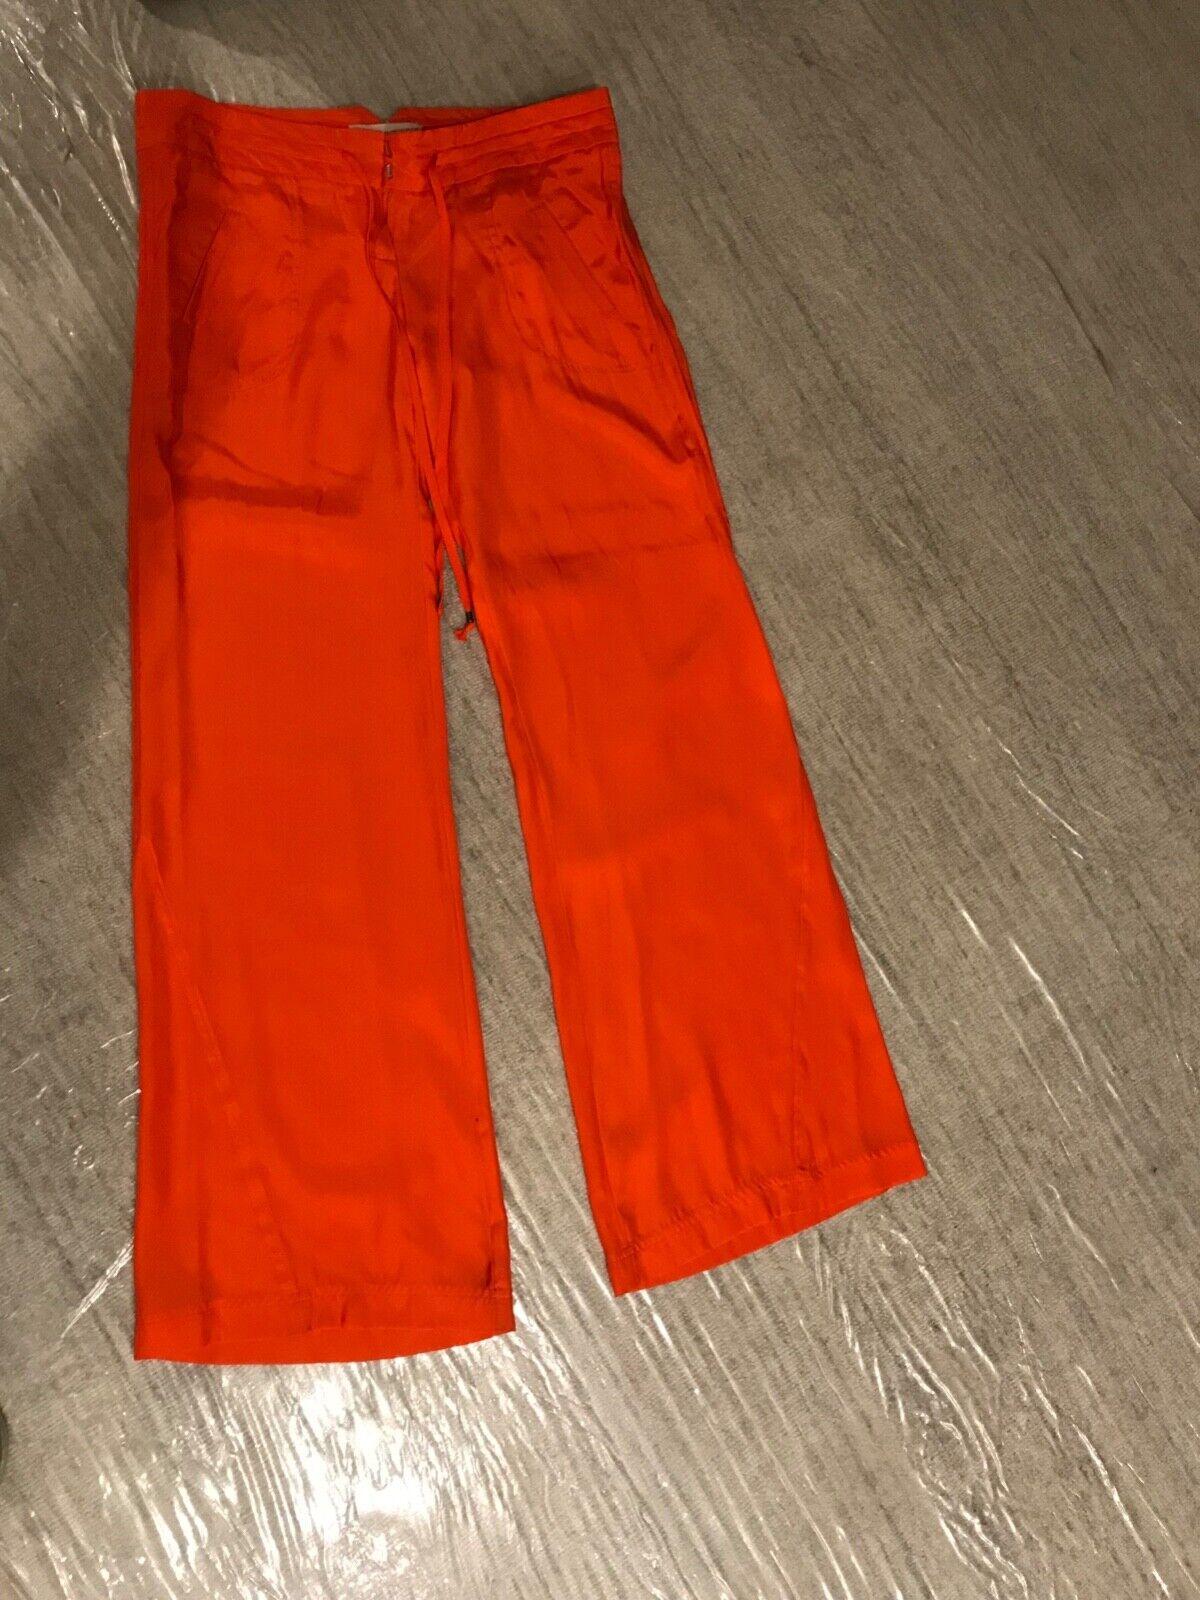 Georgie damen pants Größe 2